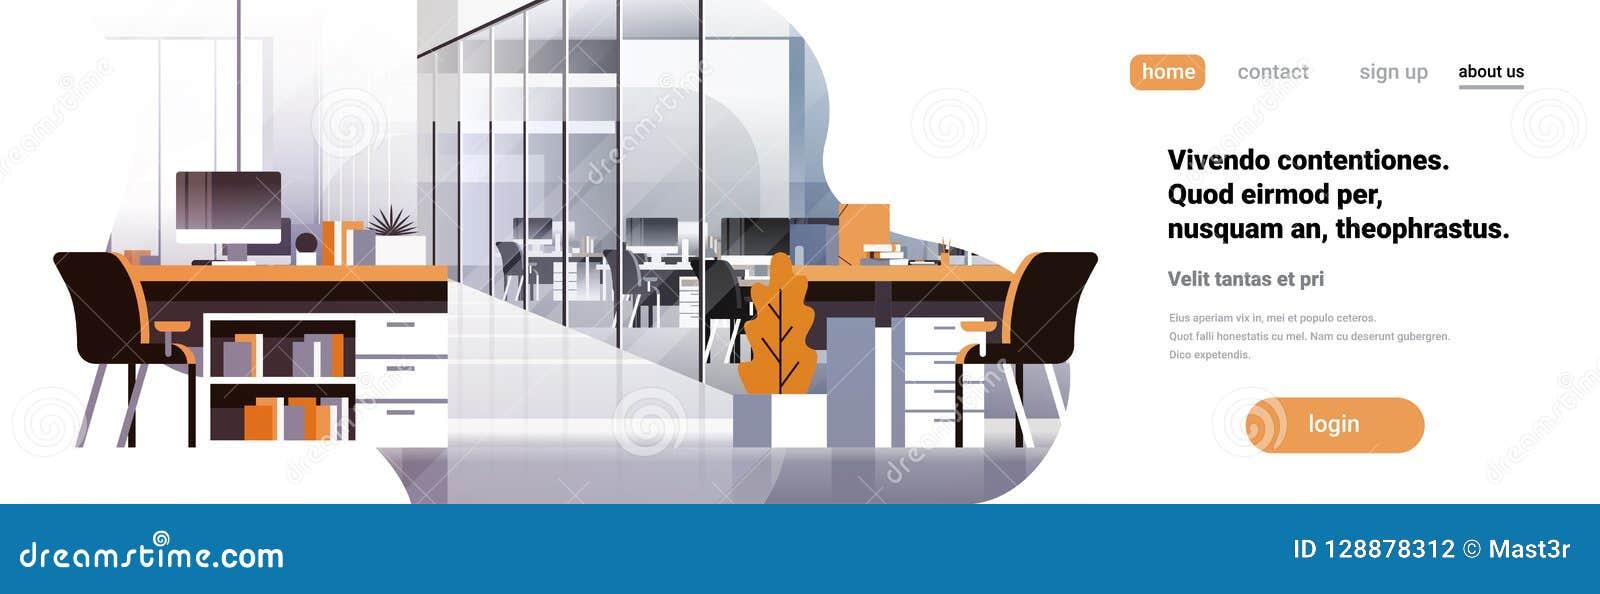 平Coworking办公室内部现代中心创造性的工作场所环境水平的横幅拷贝空间空的工作区